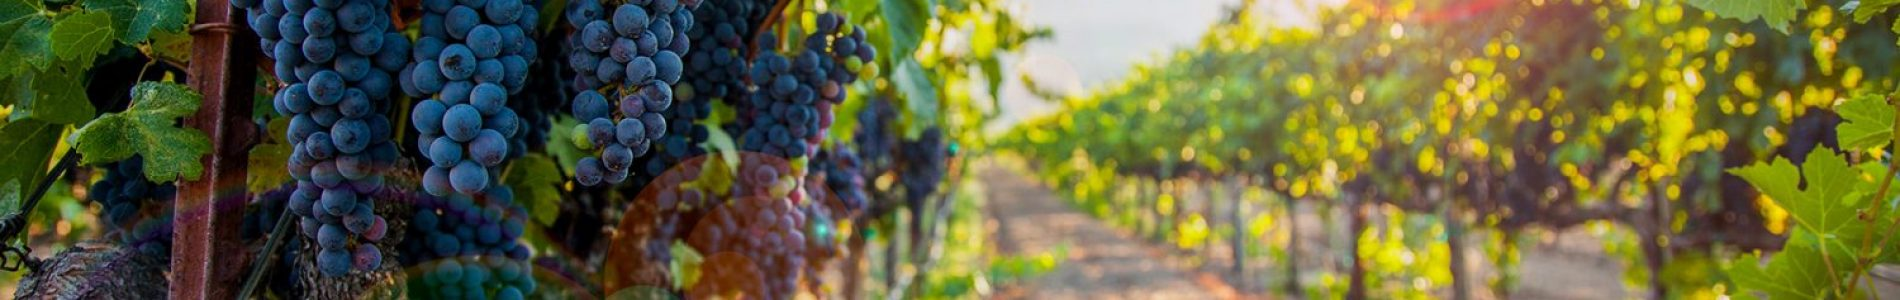 grape_vineyard_image-e1591885122590